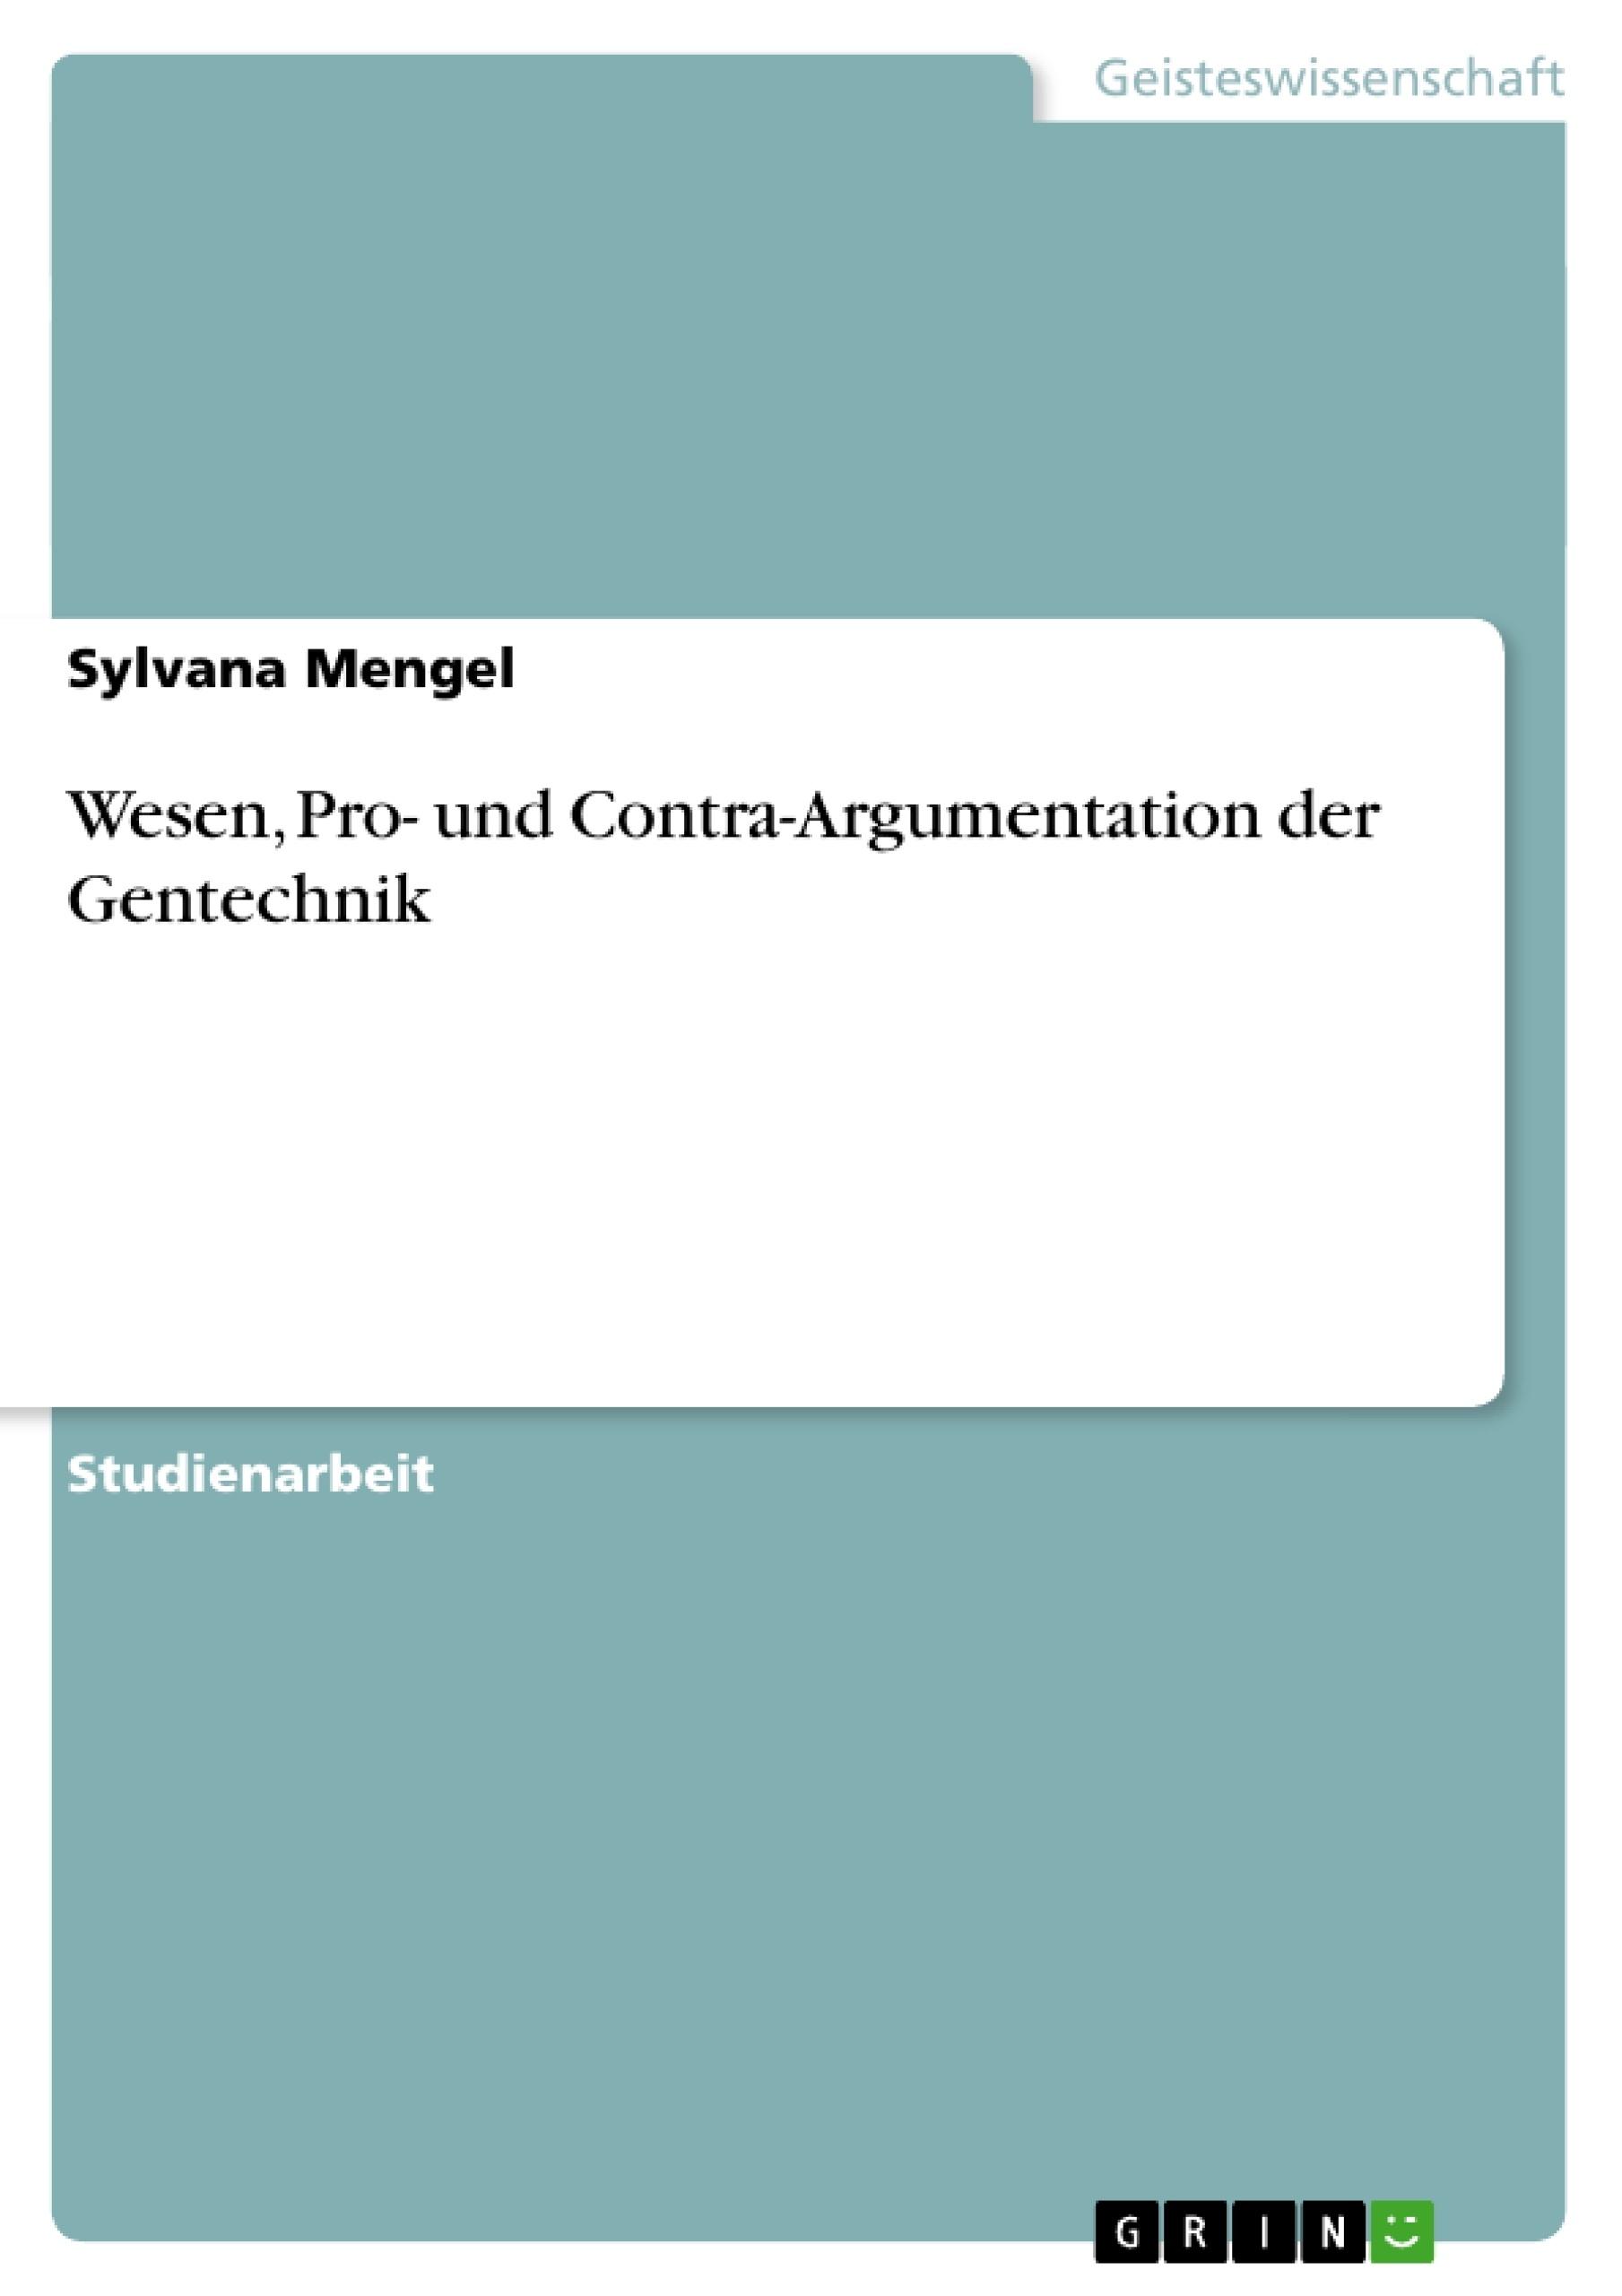 Titel: Wesen, Pro- und Contra-Argumentation der Gentechnik